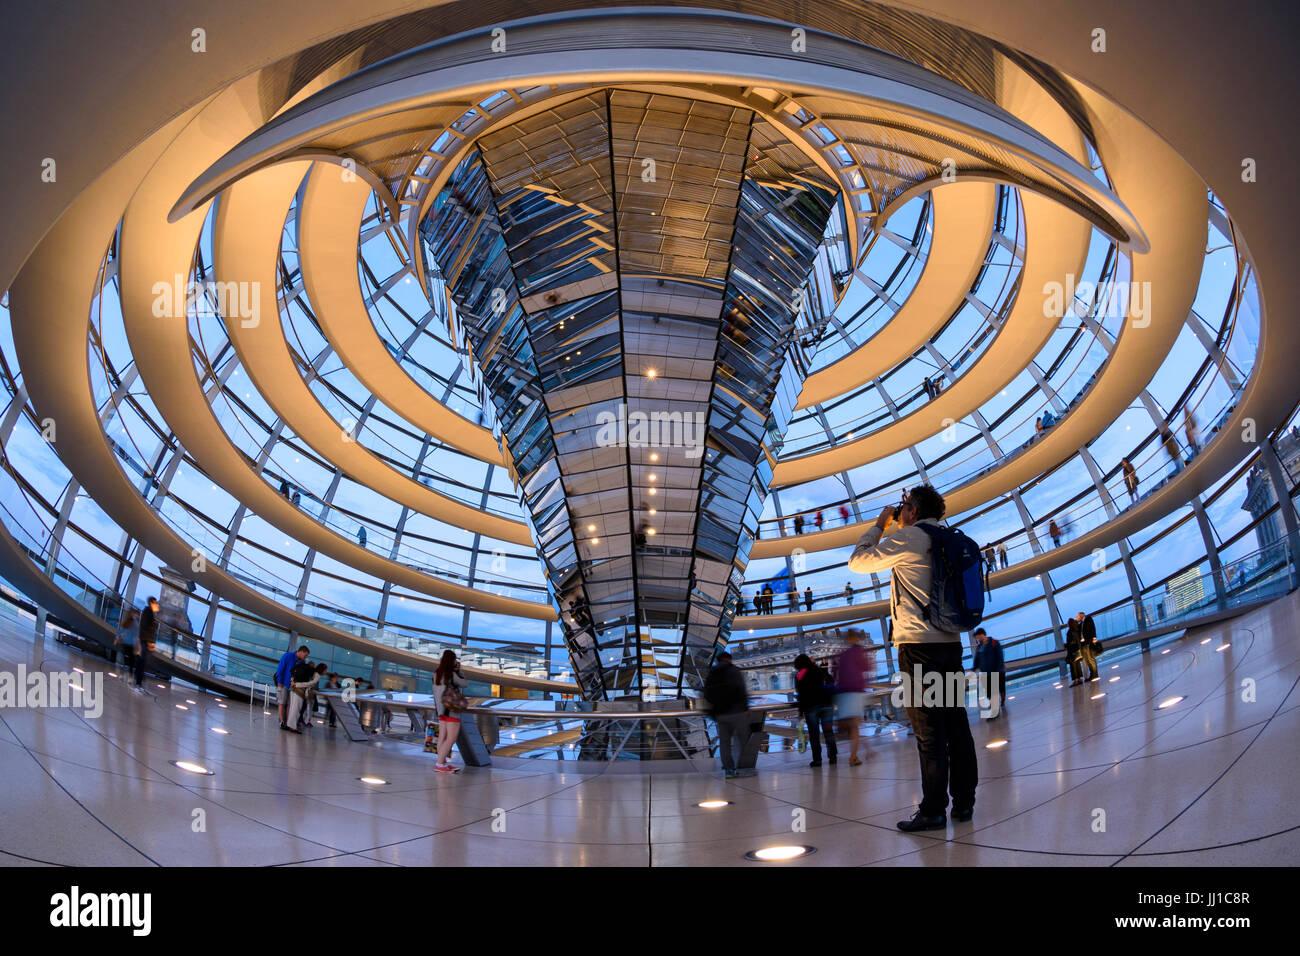 Berlin. Deutschland. Innenraum der Reichstag Kuppel und spiralförmige Rampe bei Sonnenuntergang. Stockbild